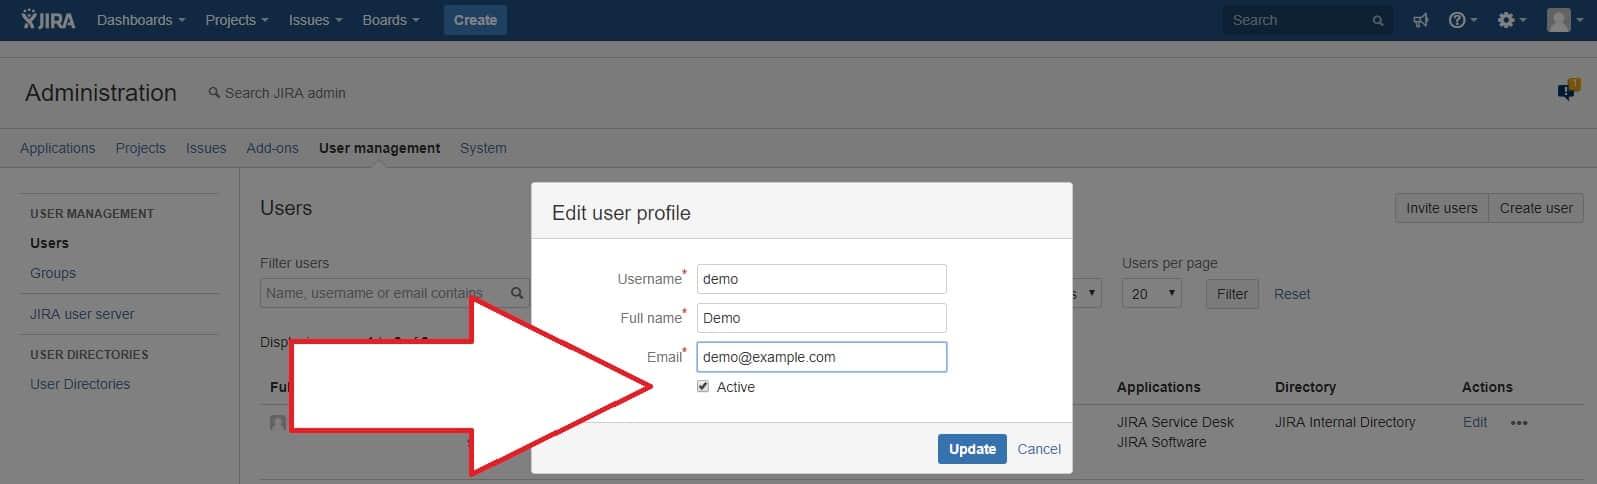 Deactivate user in Jira for GDPR